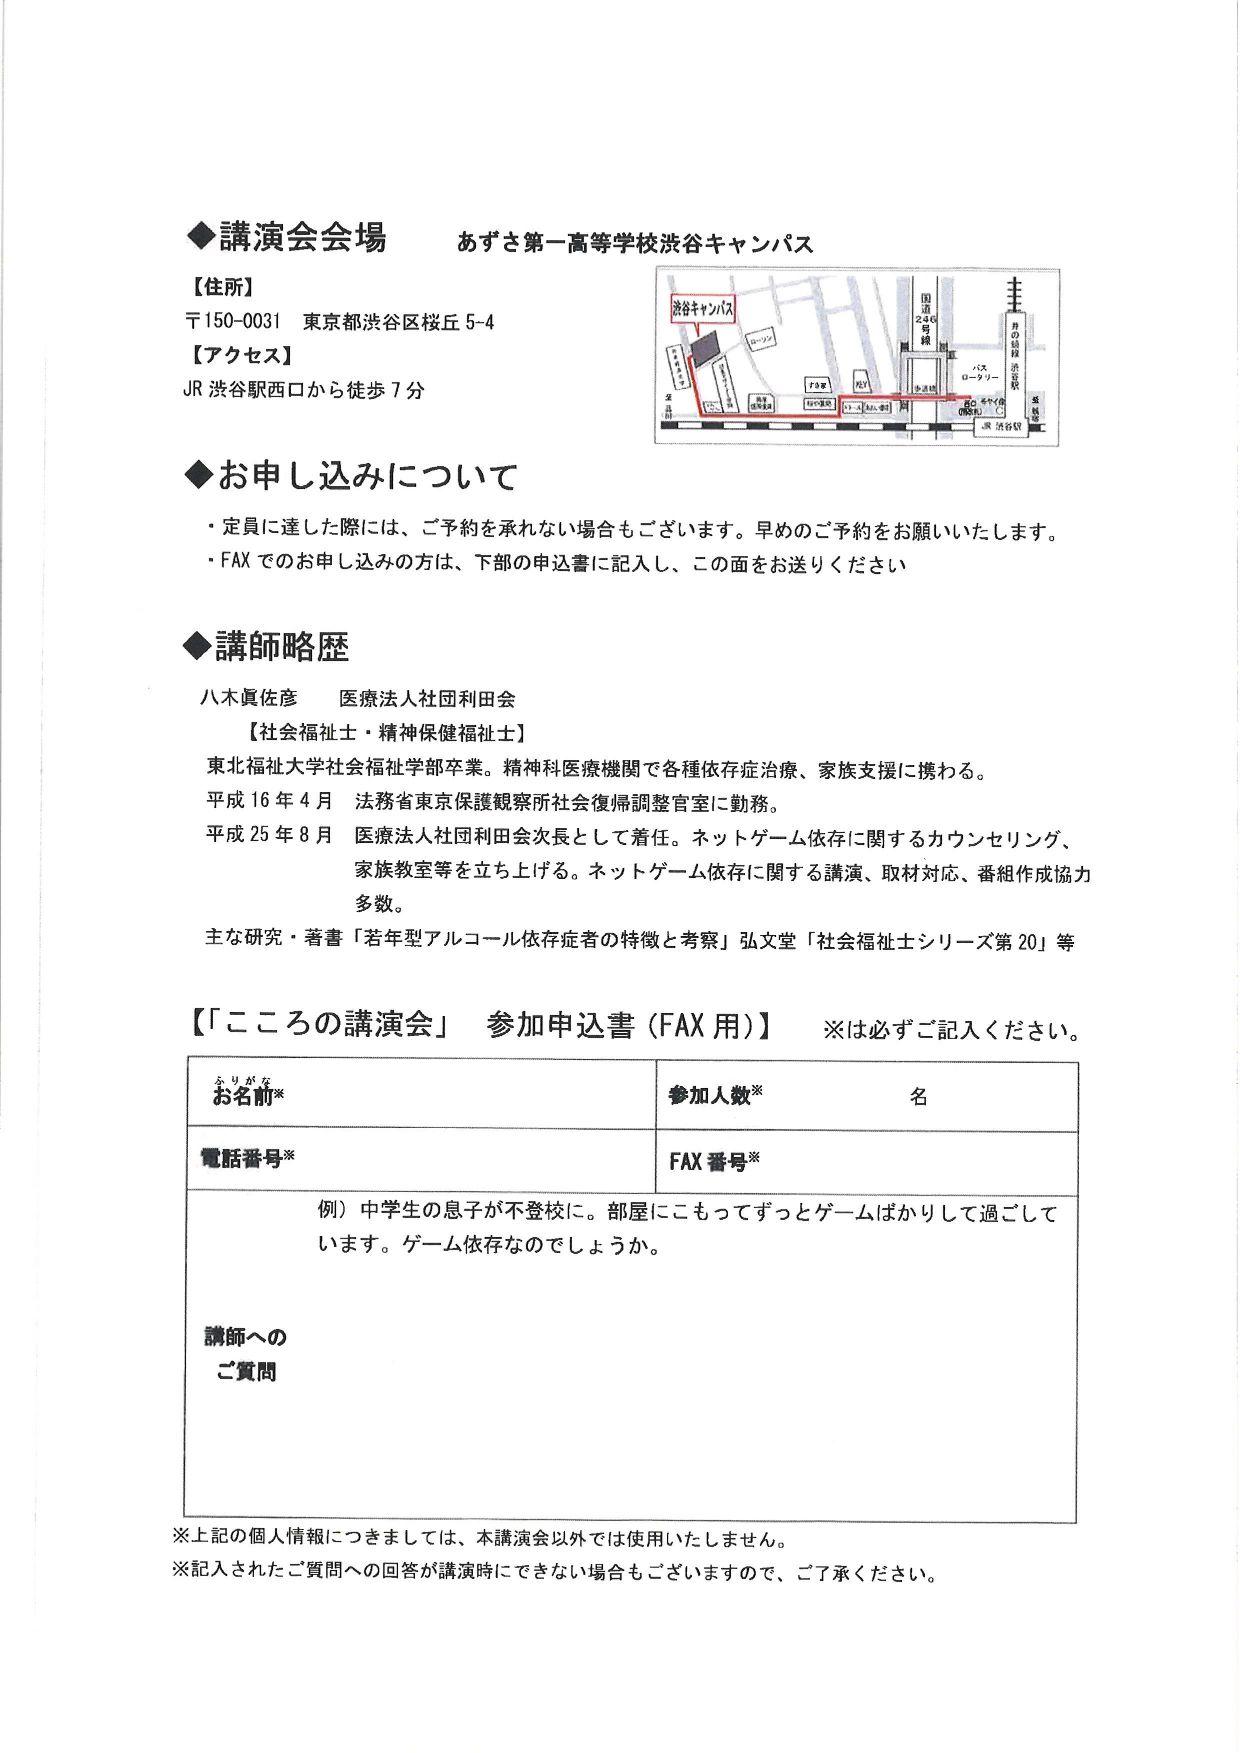 渋谷キャンパス 「こころの講演会」image2